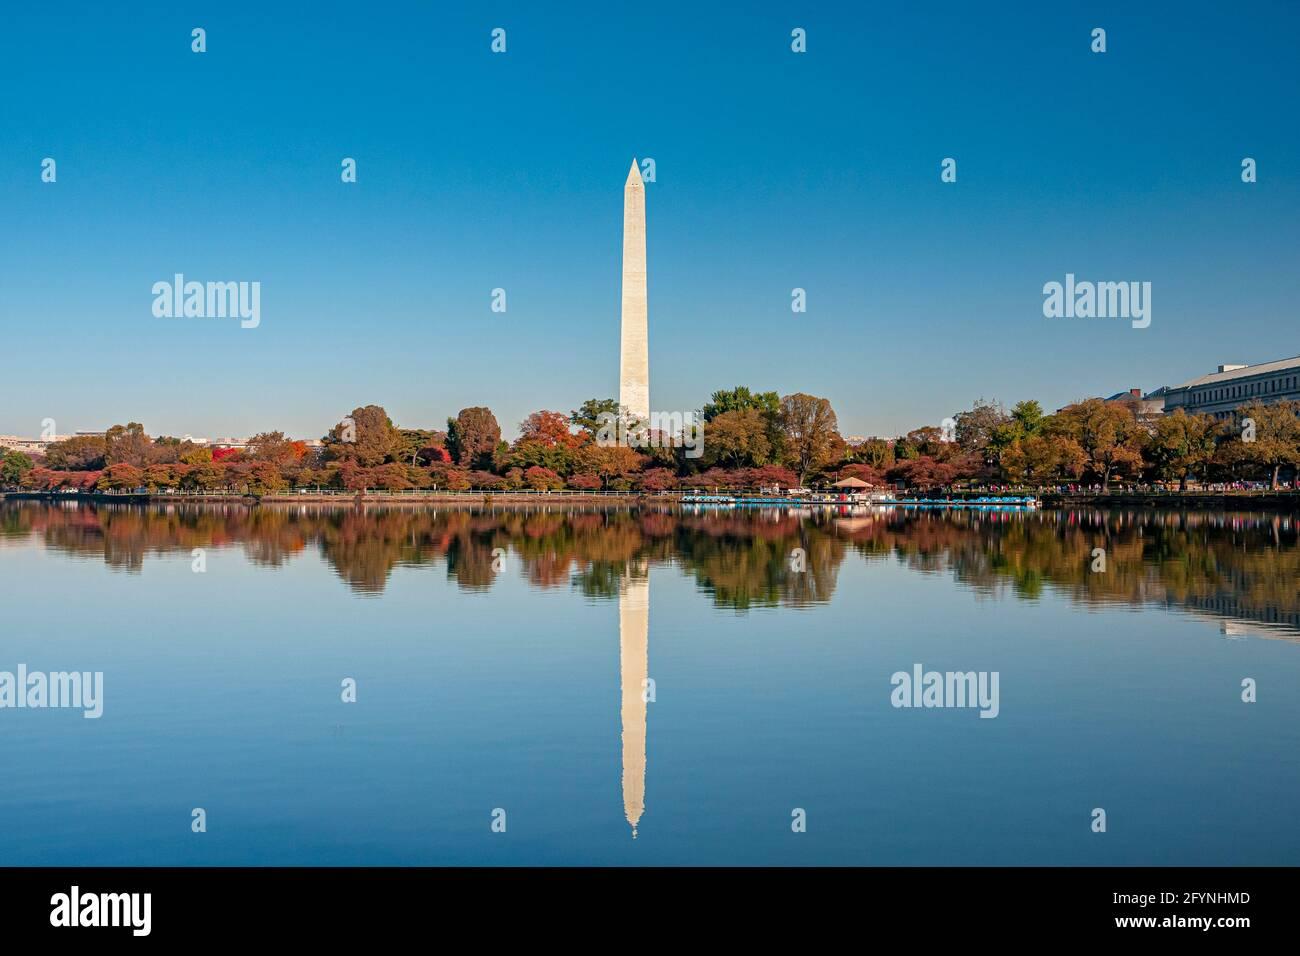 Le Washington Monument reflétait dans le Tidal Basin un grand obélisque construit pour commémorer George Washington sur le National Mall à Washington, D.C Banque D'Images